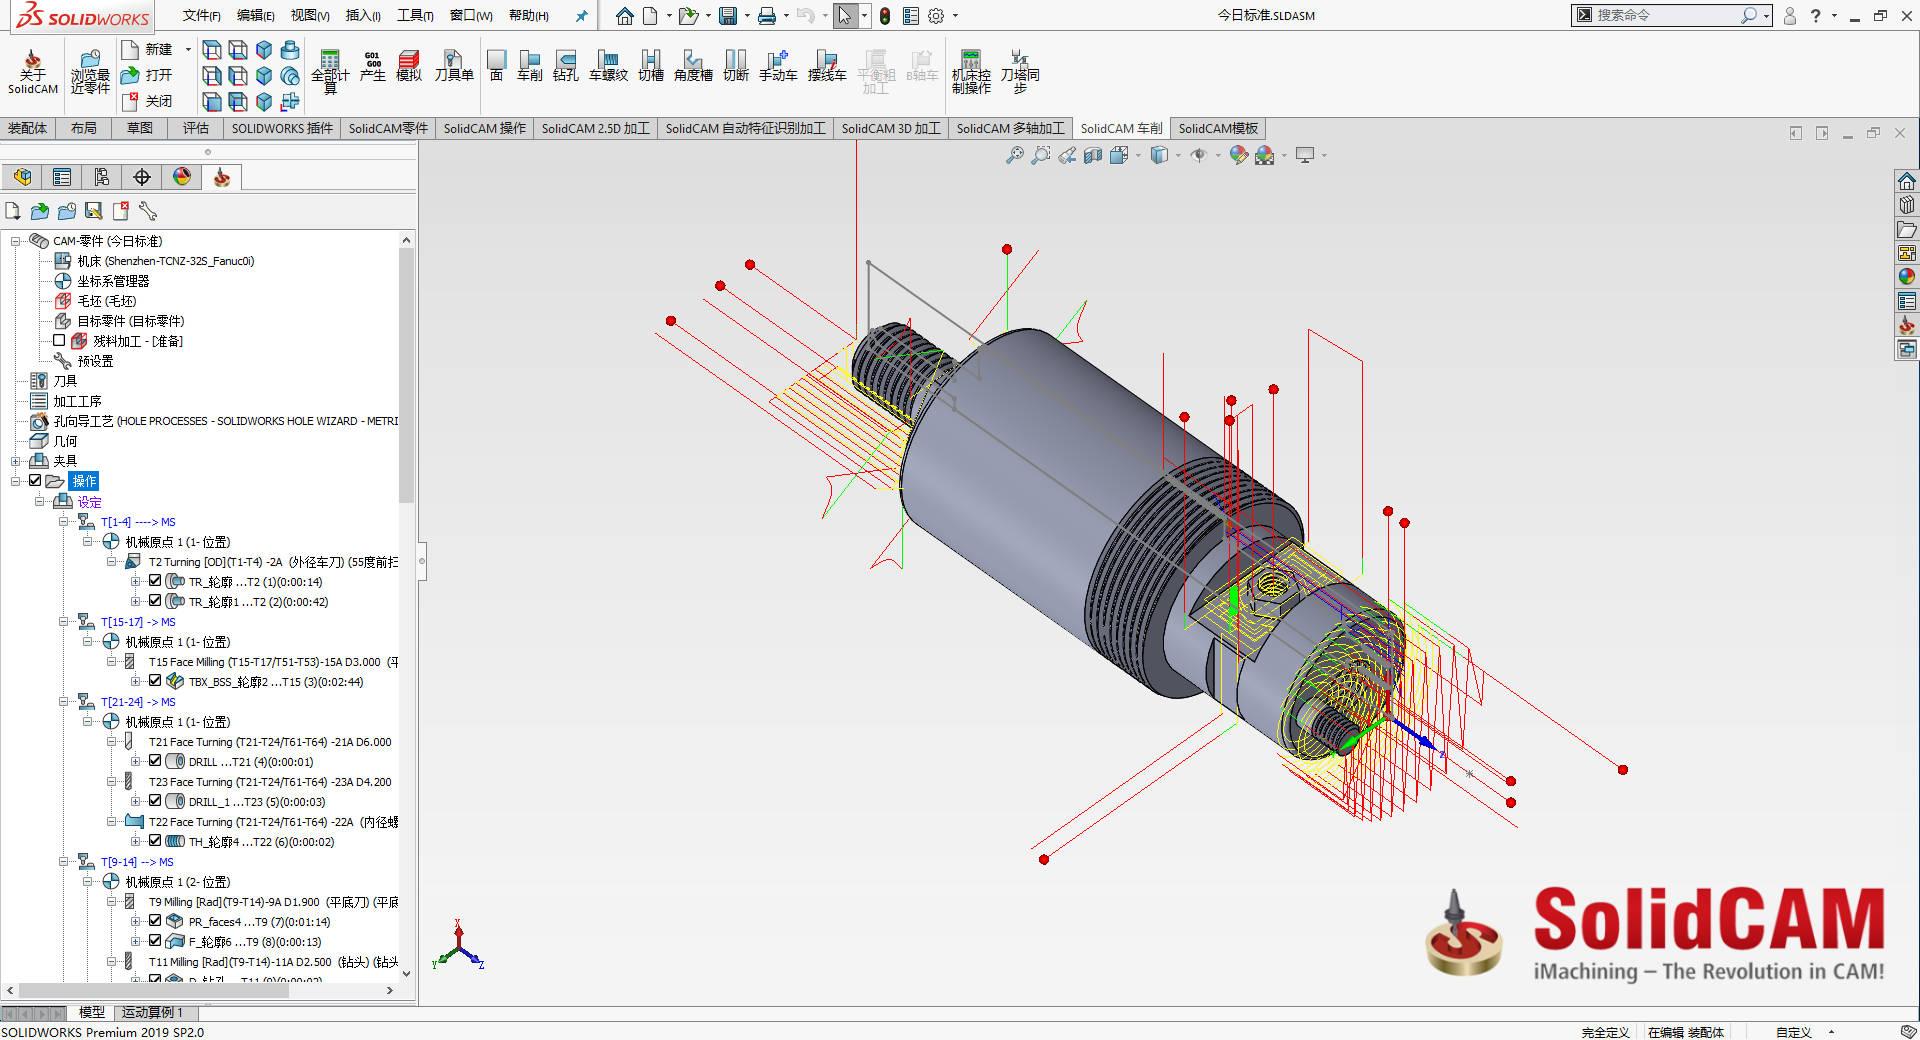 SolidCAM车铣复合和走心机编程模块